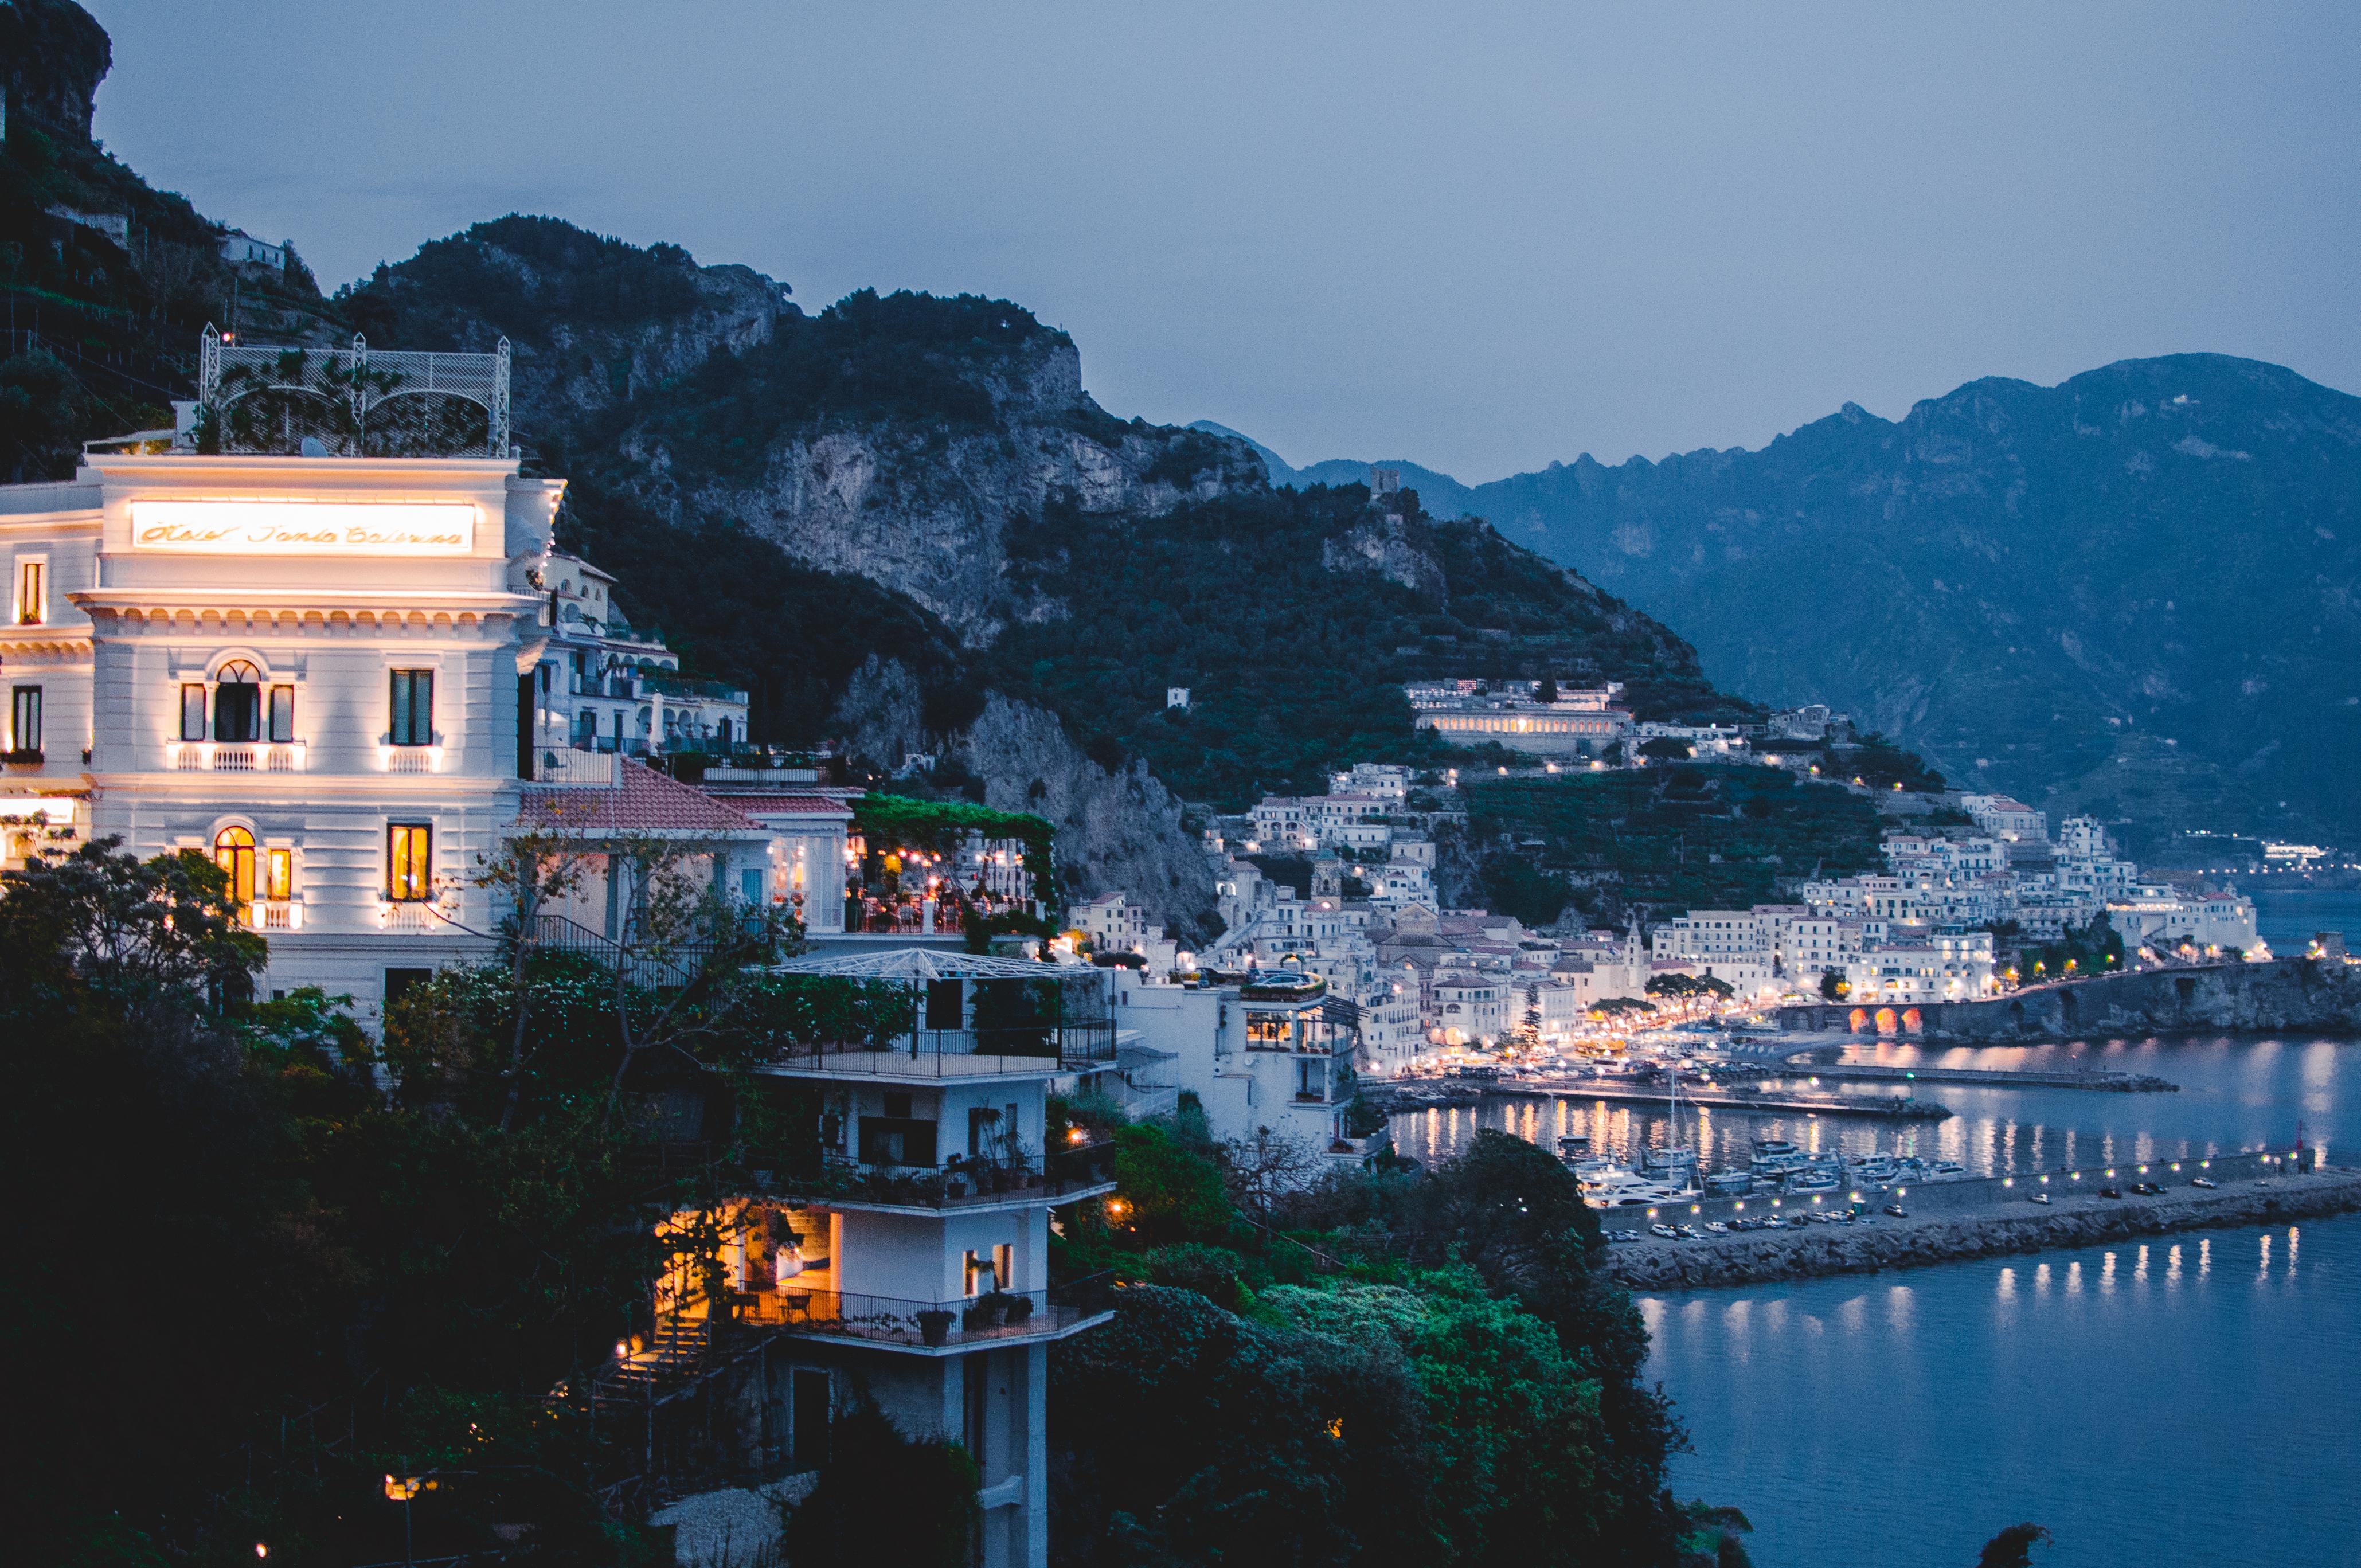 Amalfi Coast by night, Amalfi, Italy, what to see in Italy, Włochy, wakacje, wybrzeże